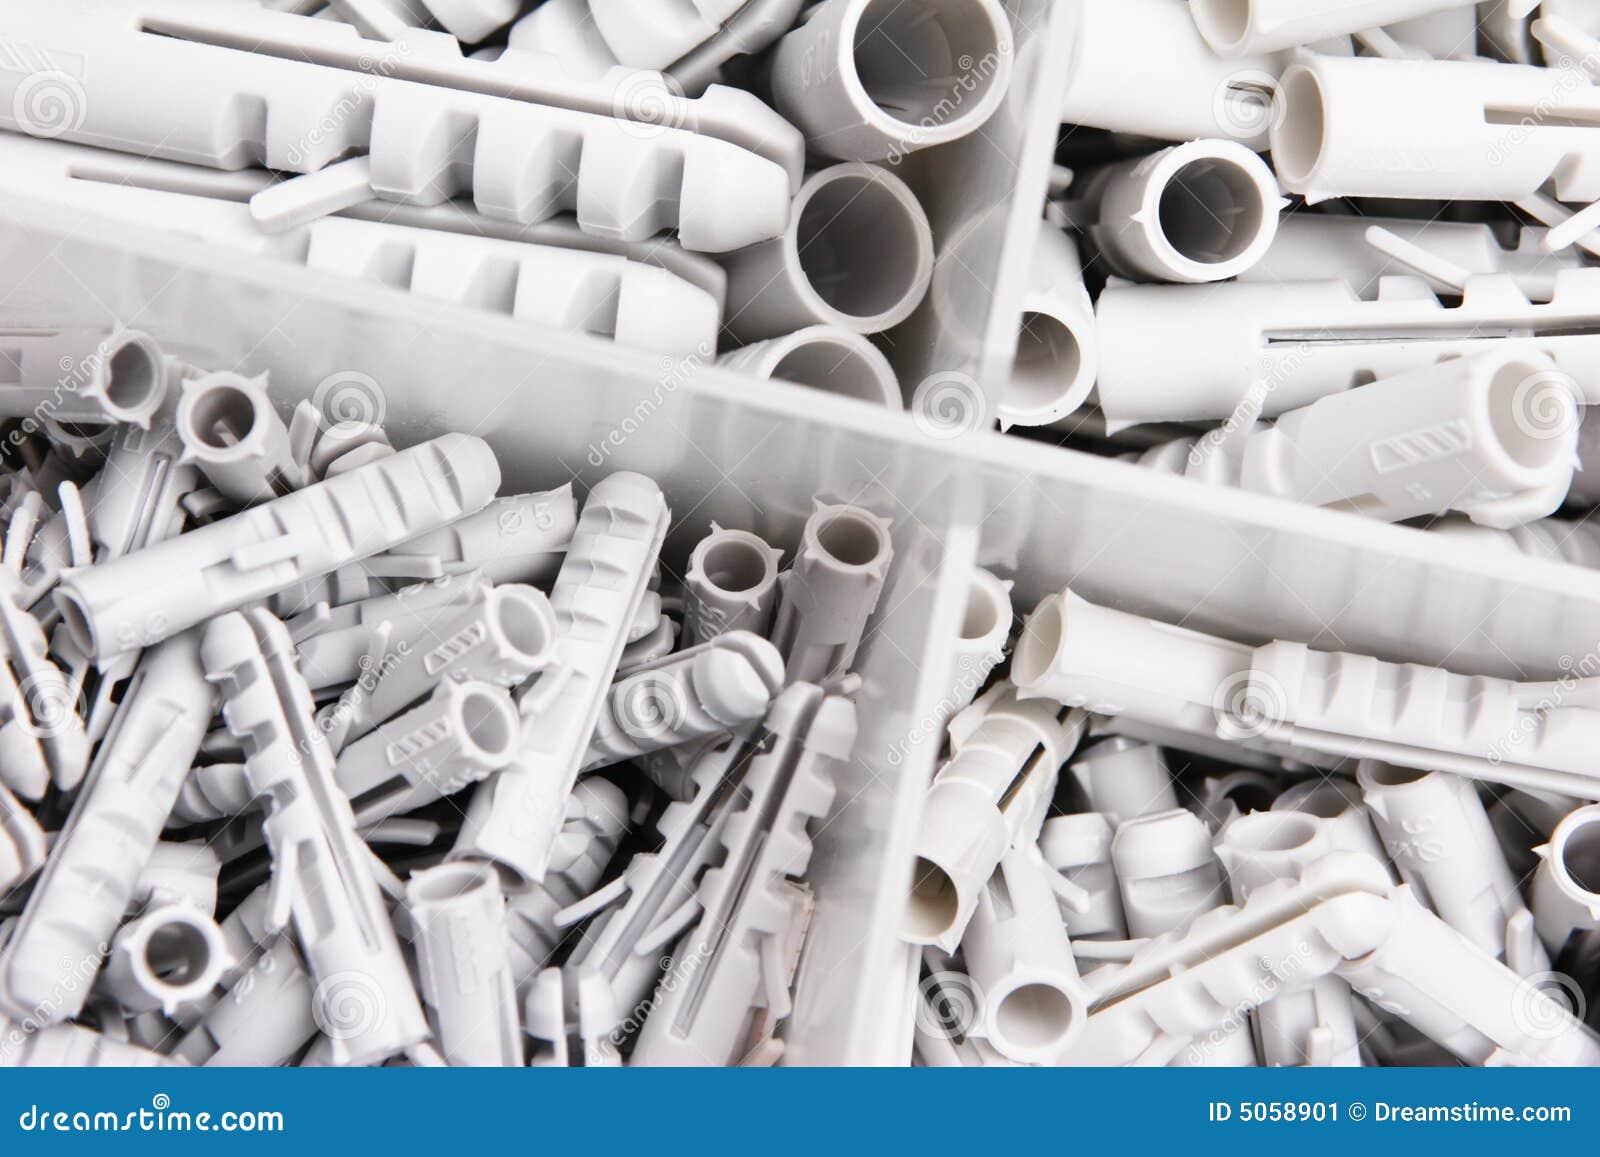 Fiches de mur en plastique